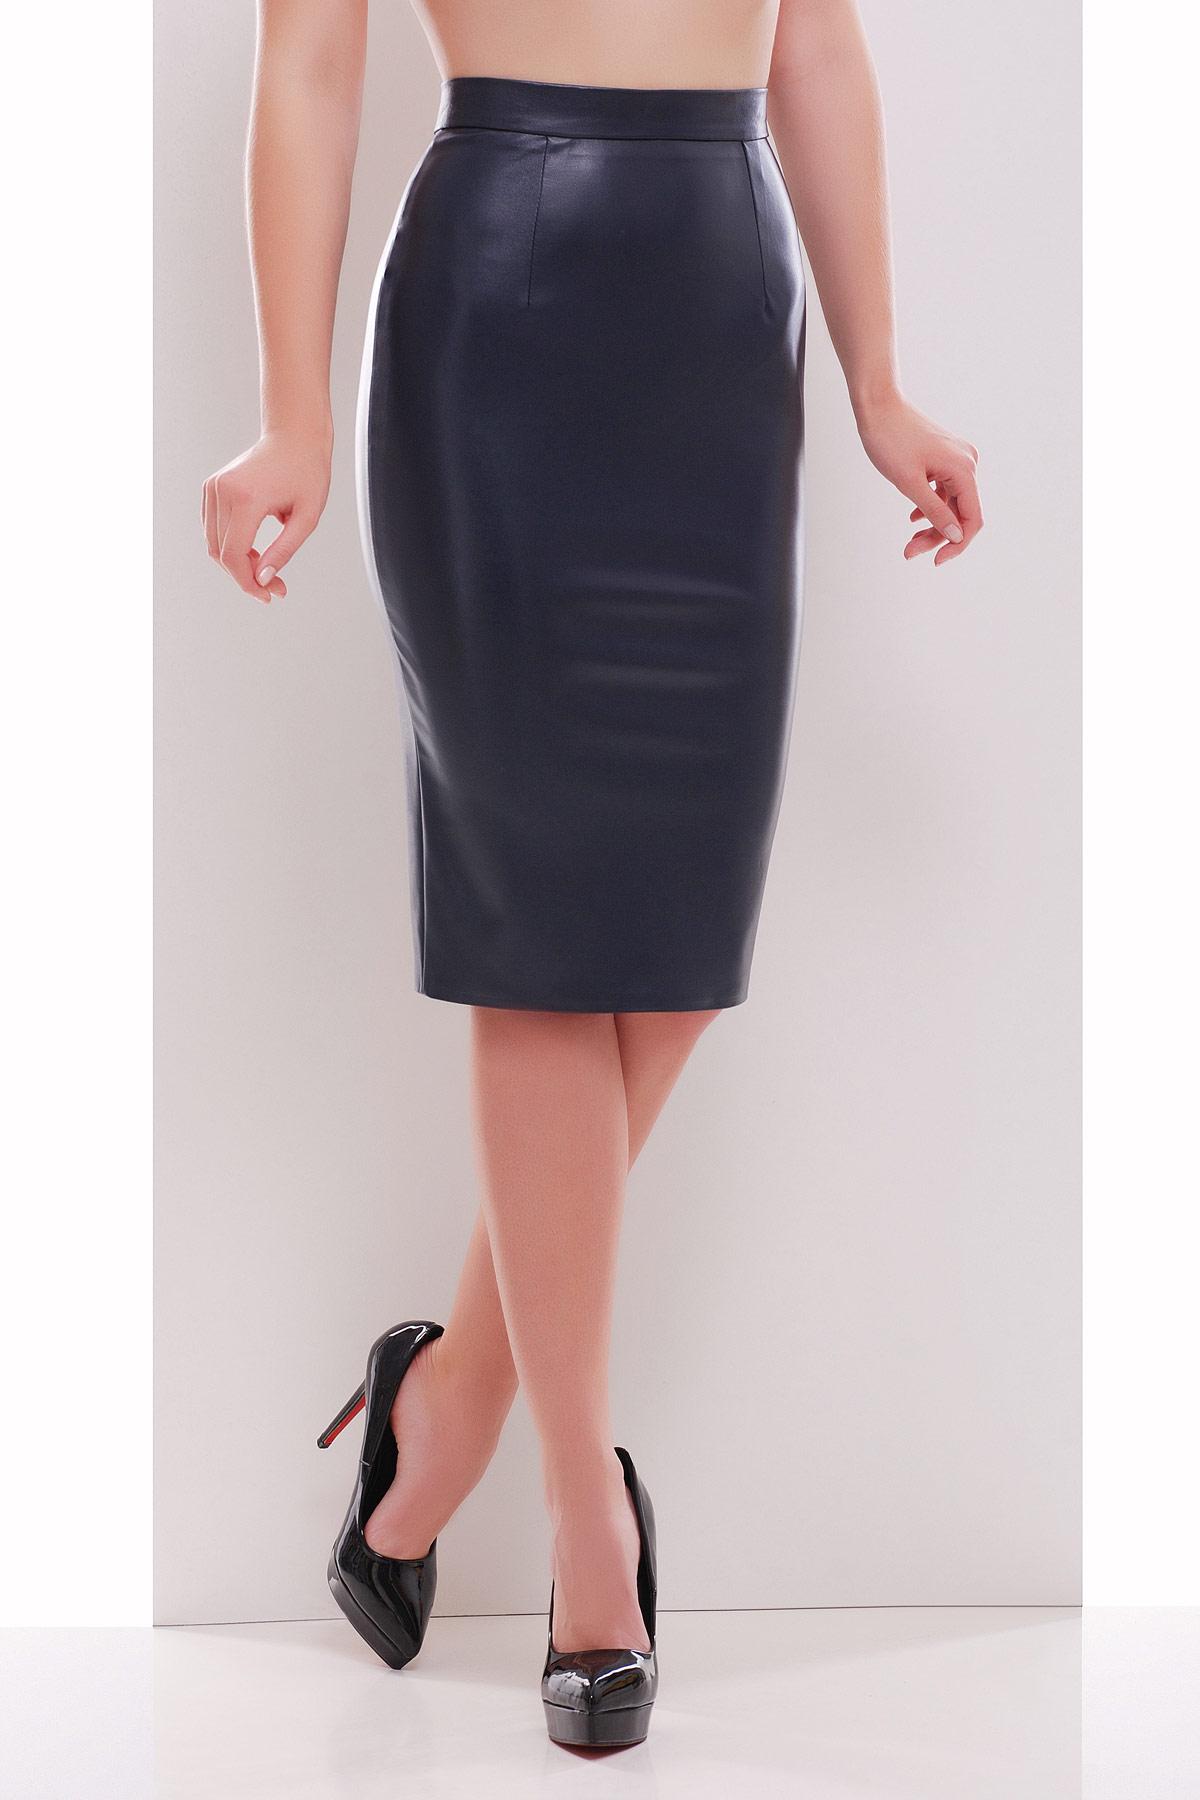 черная юбка карандаш из экокожи. юбка мод. №29 (кожа). Цвет: темно синий